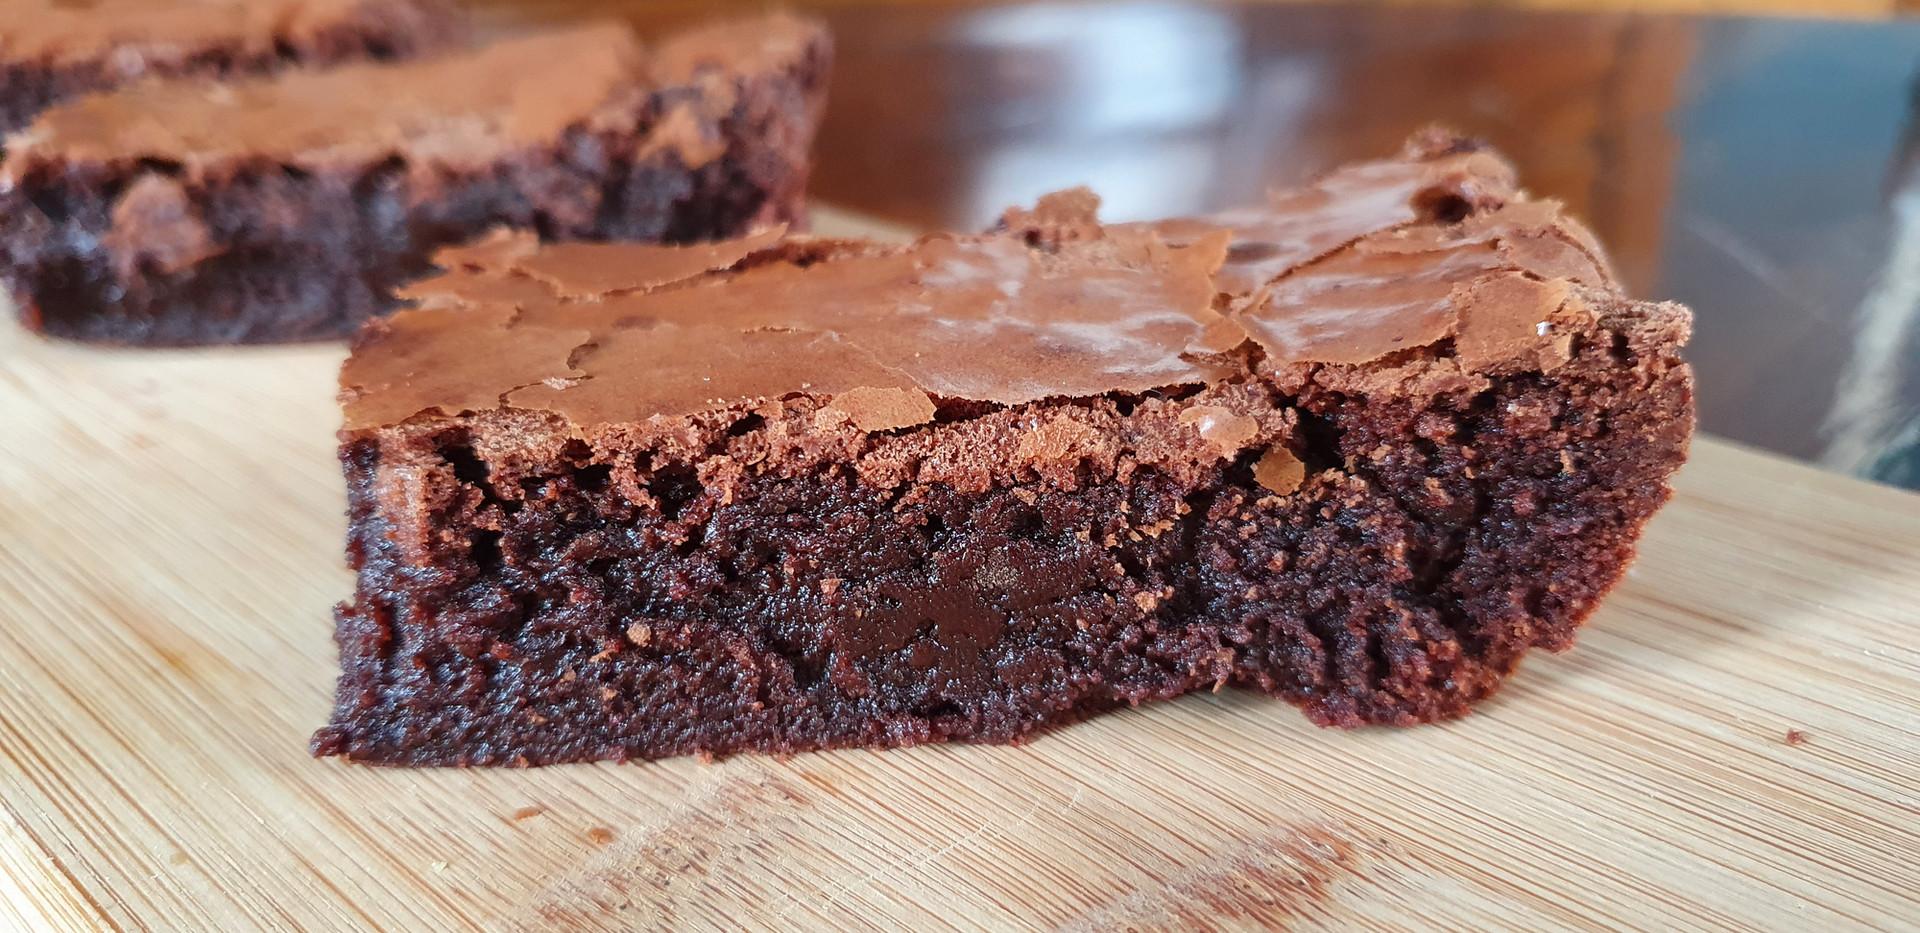 Brownie Close Up.jpg